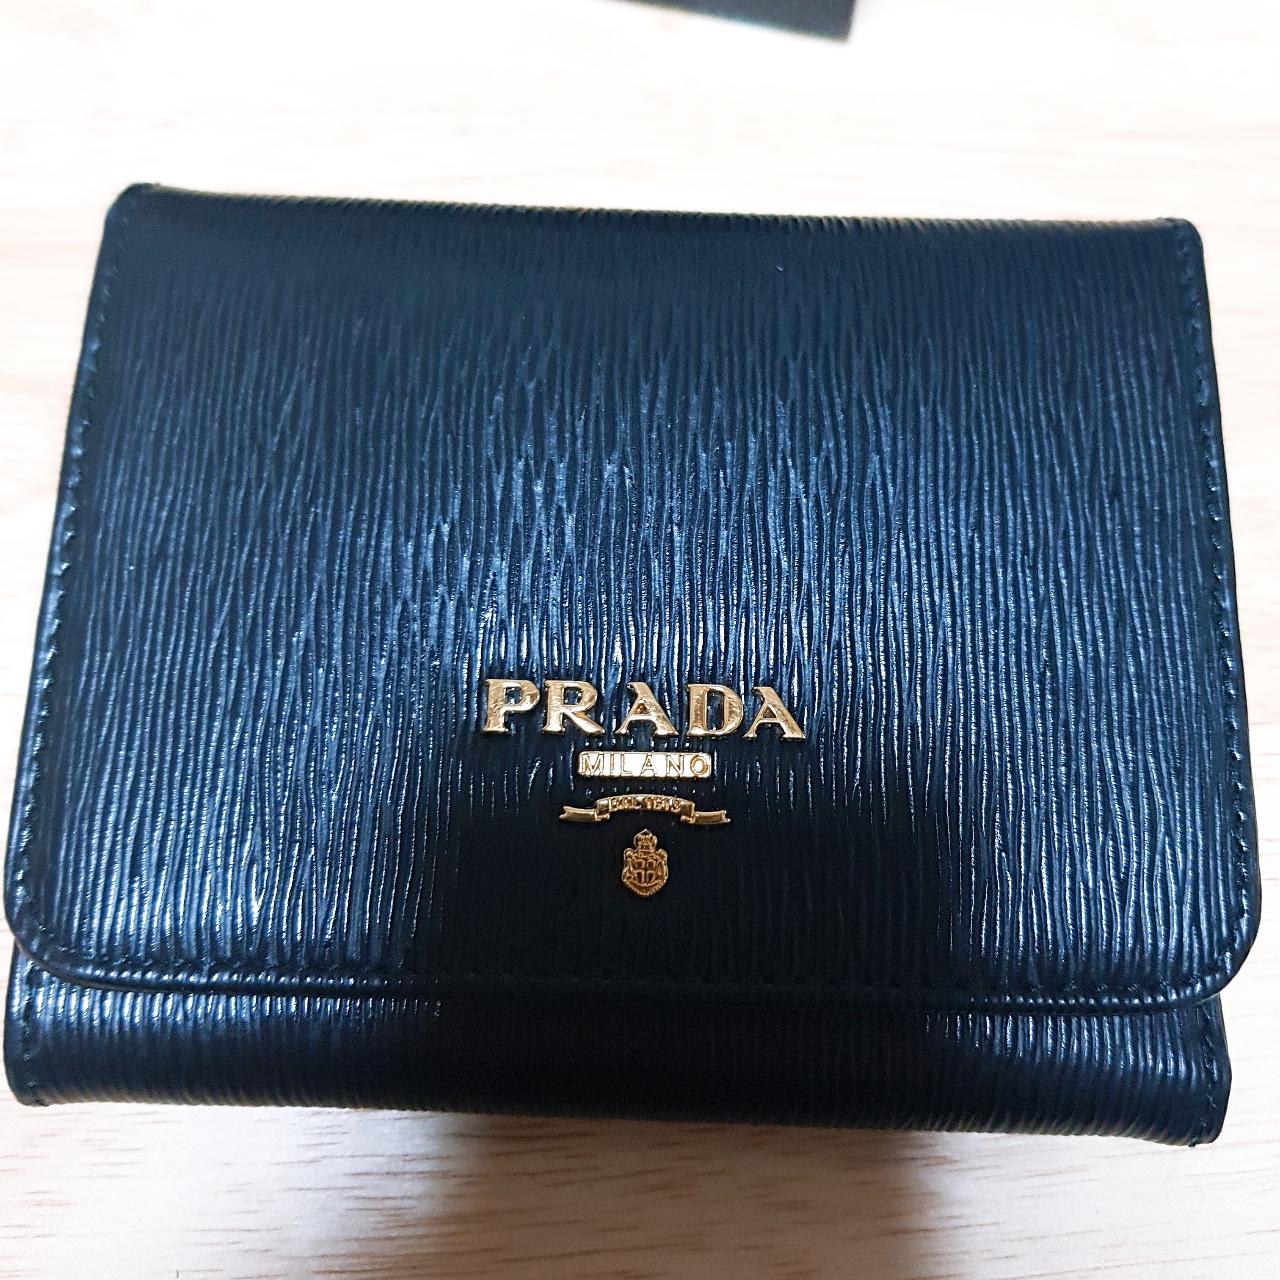 프라다 지갑팝니다